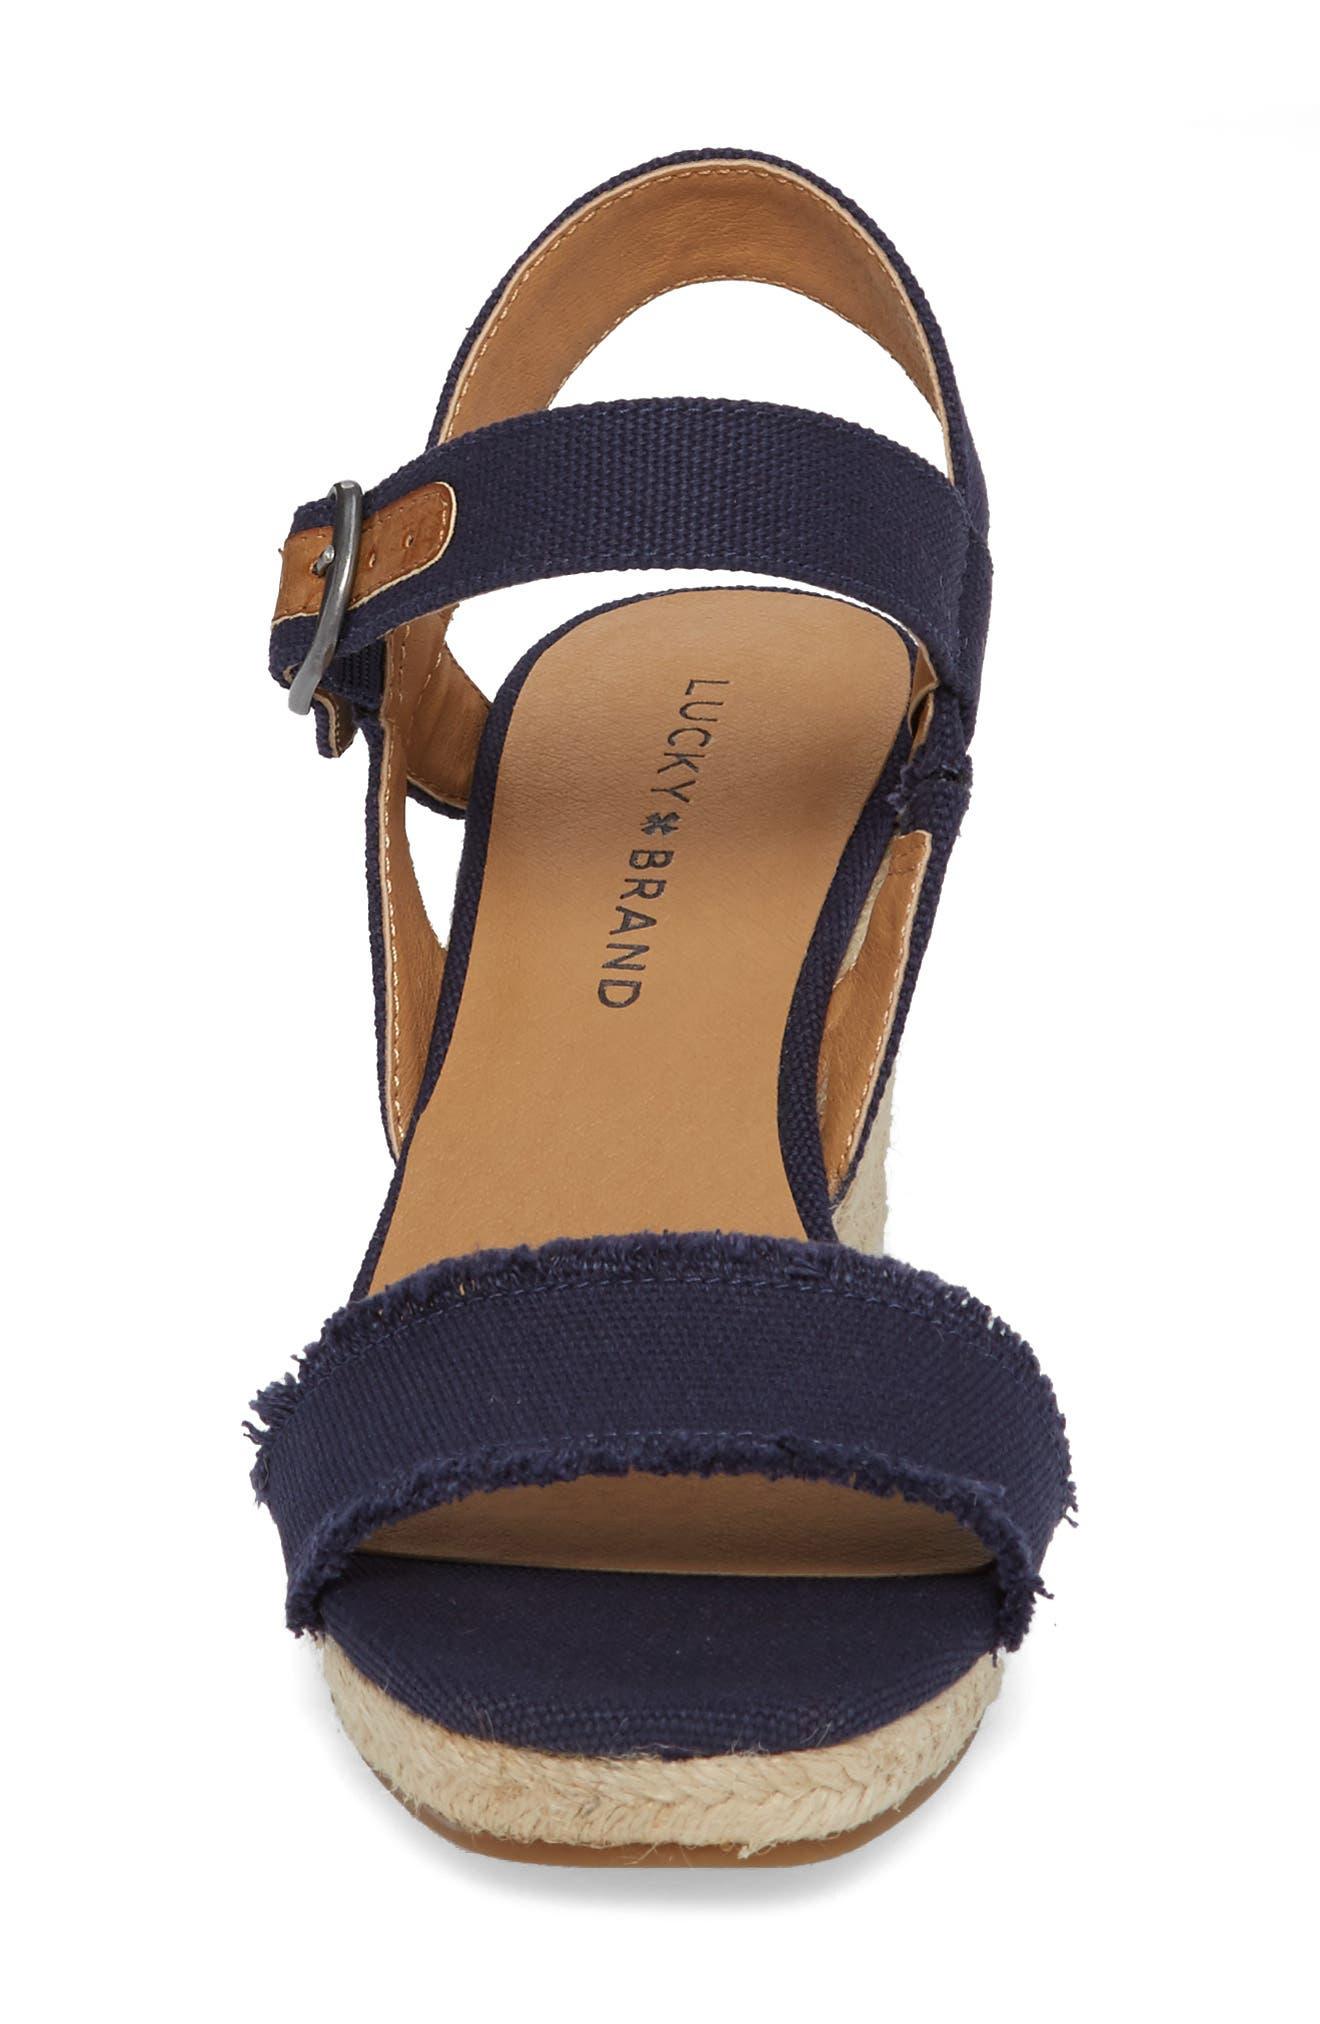 Marceline Squared Toe Wedge Sandal,                             Alternate thumbnail 25, color,